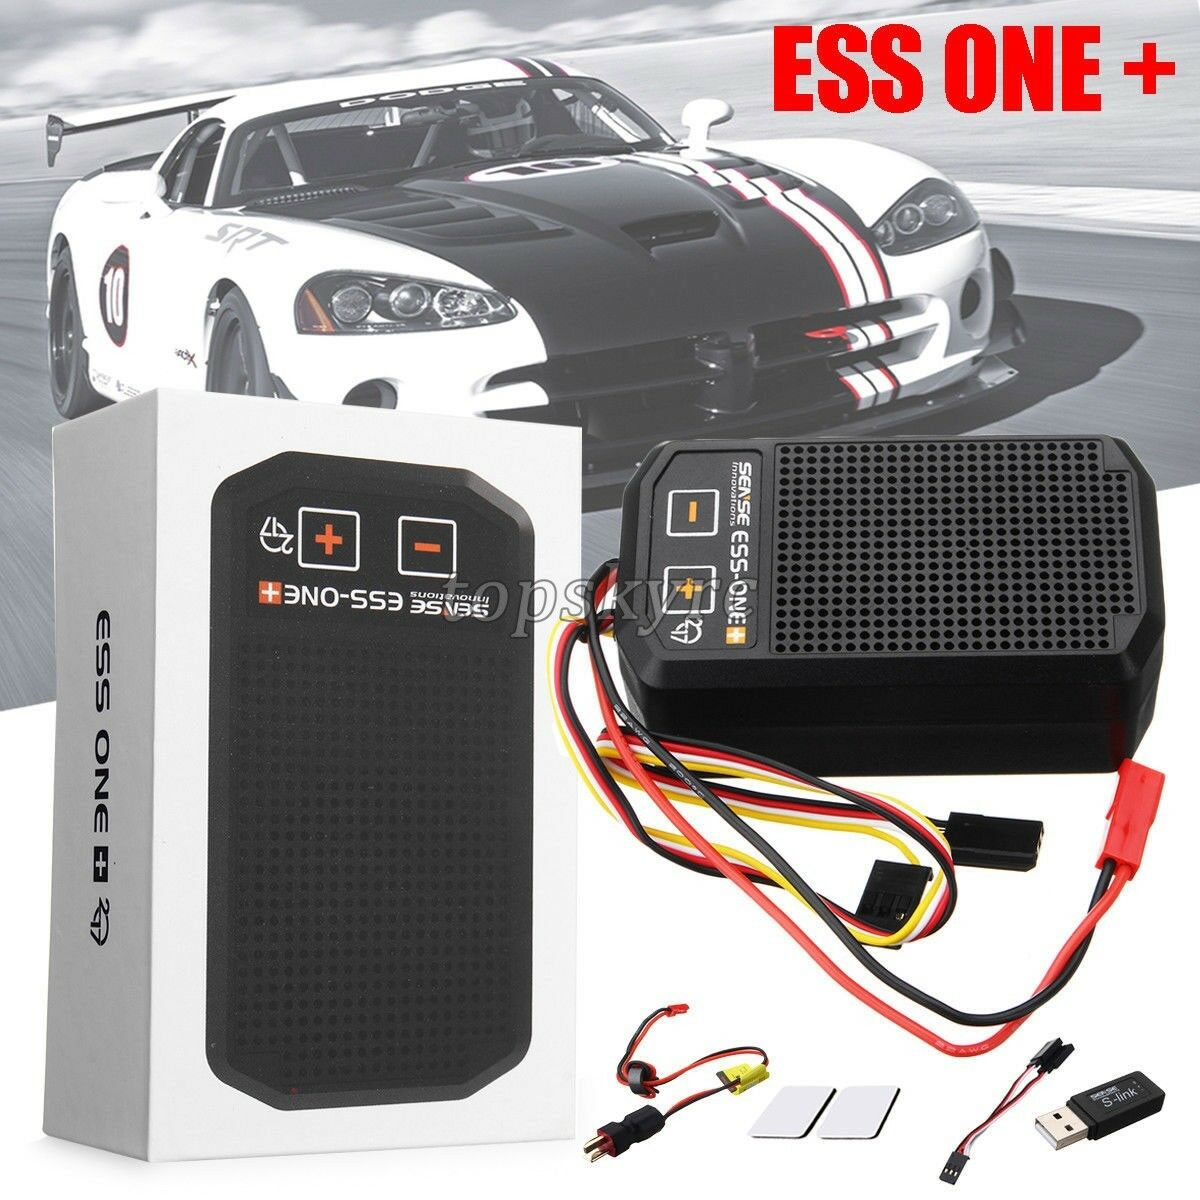 Senso innovazioni ESS uno Plus 2017 REAL simulatore di suono del Motore RC Auto Kit Parti